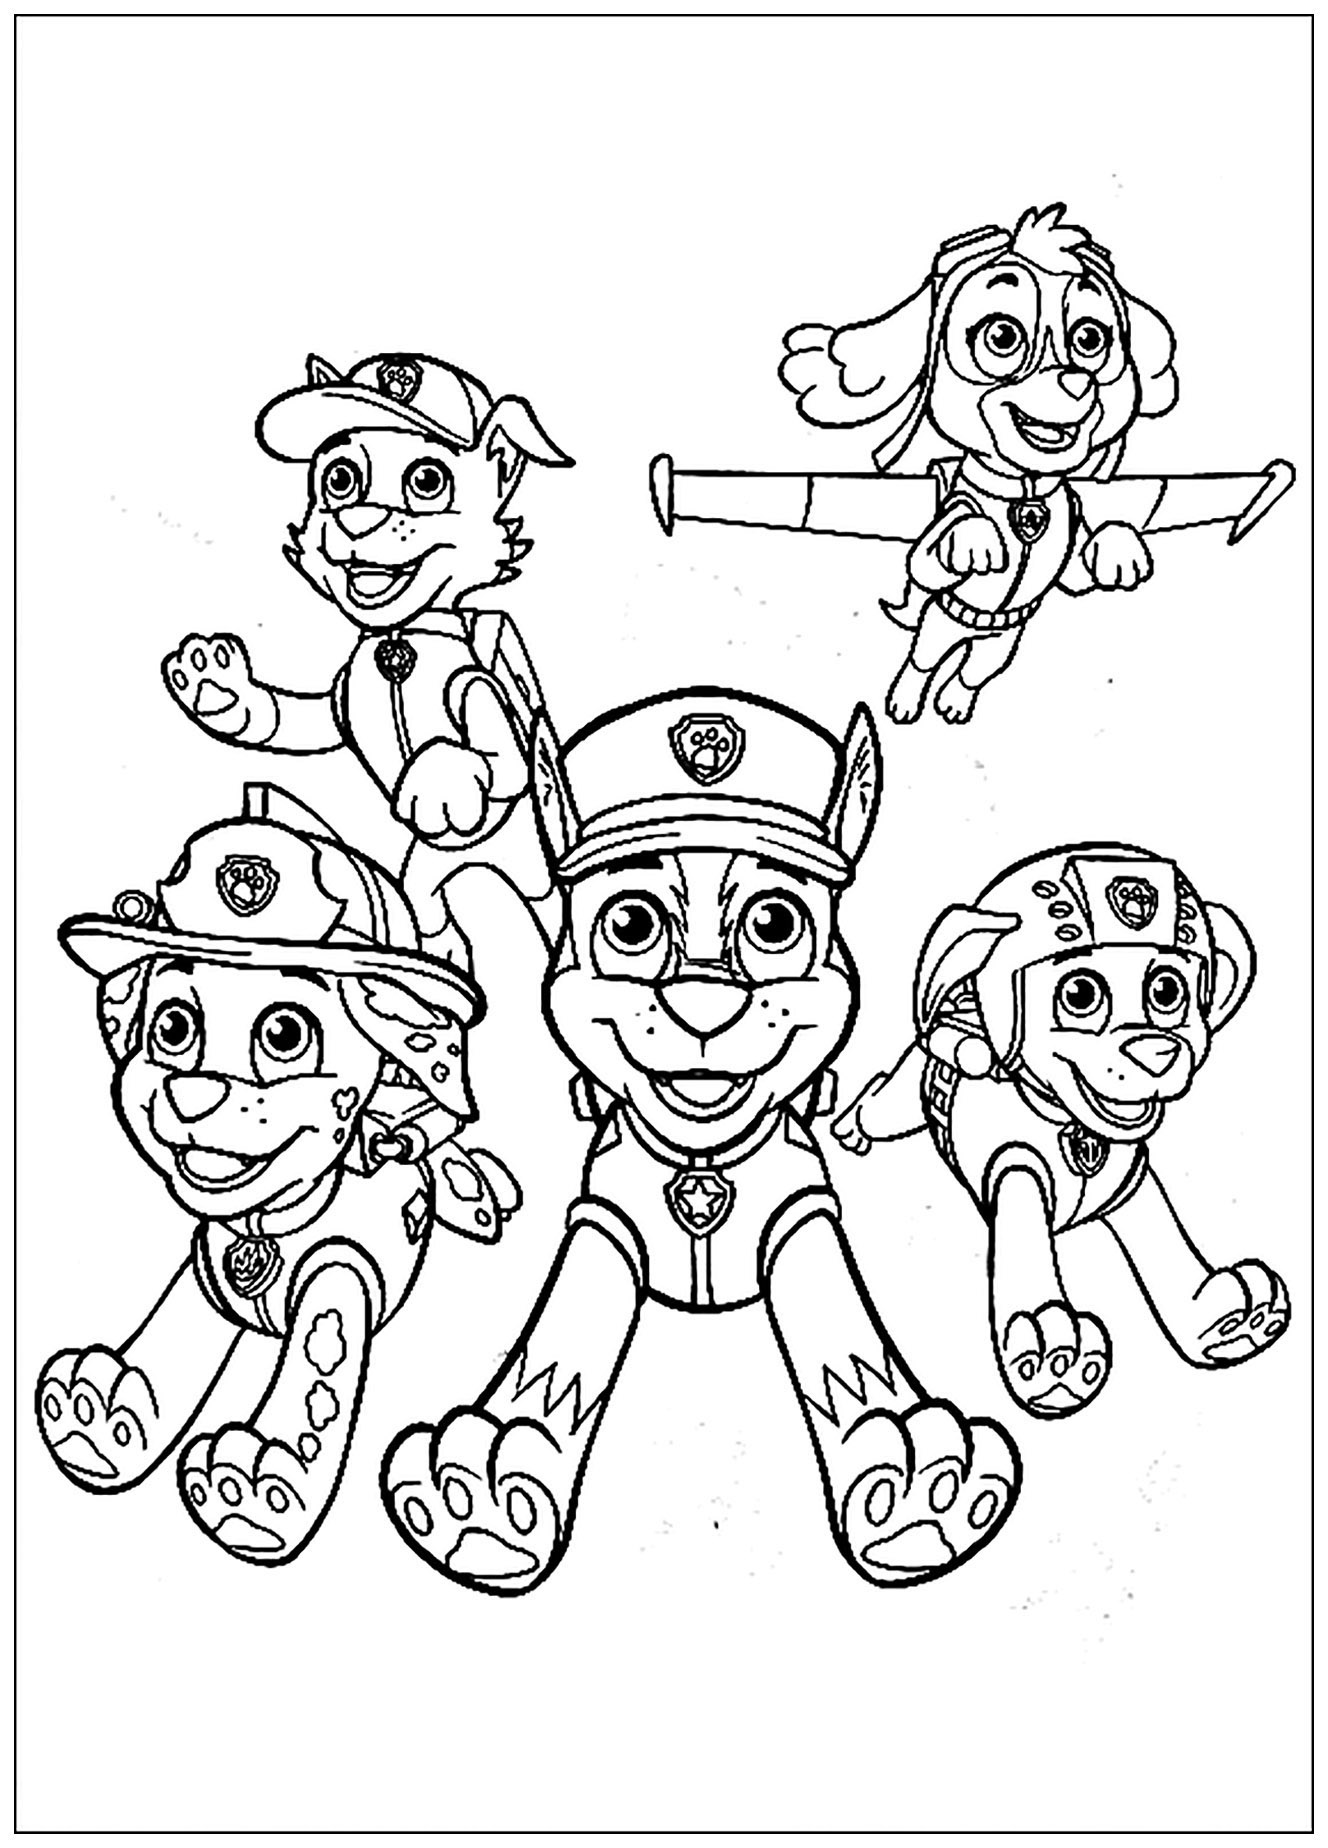 Pat patrouille equipe coloriage pat patrouille - Coloriage imprime ...